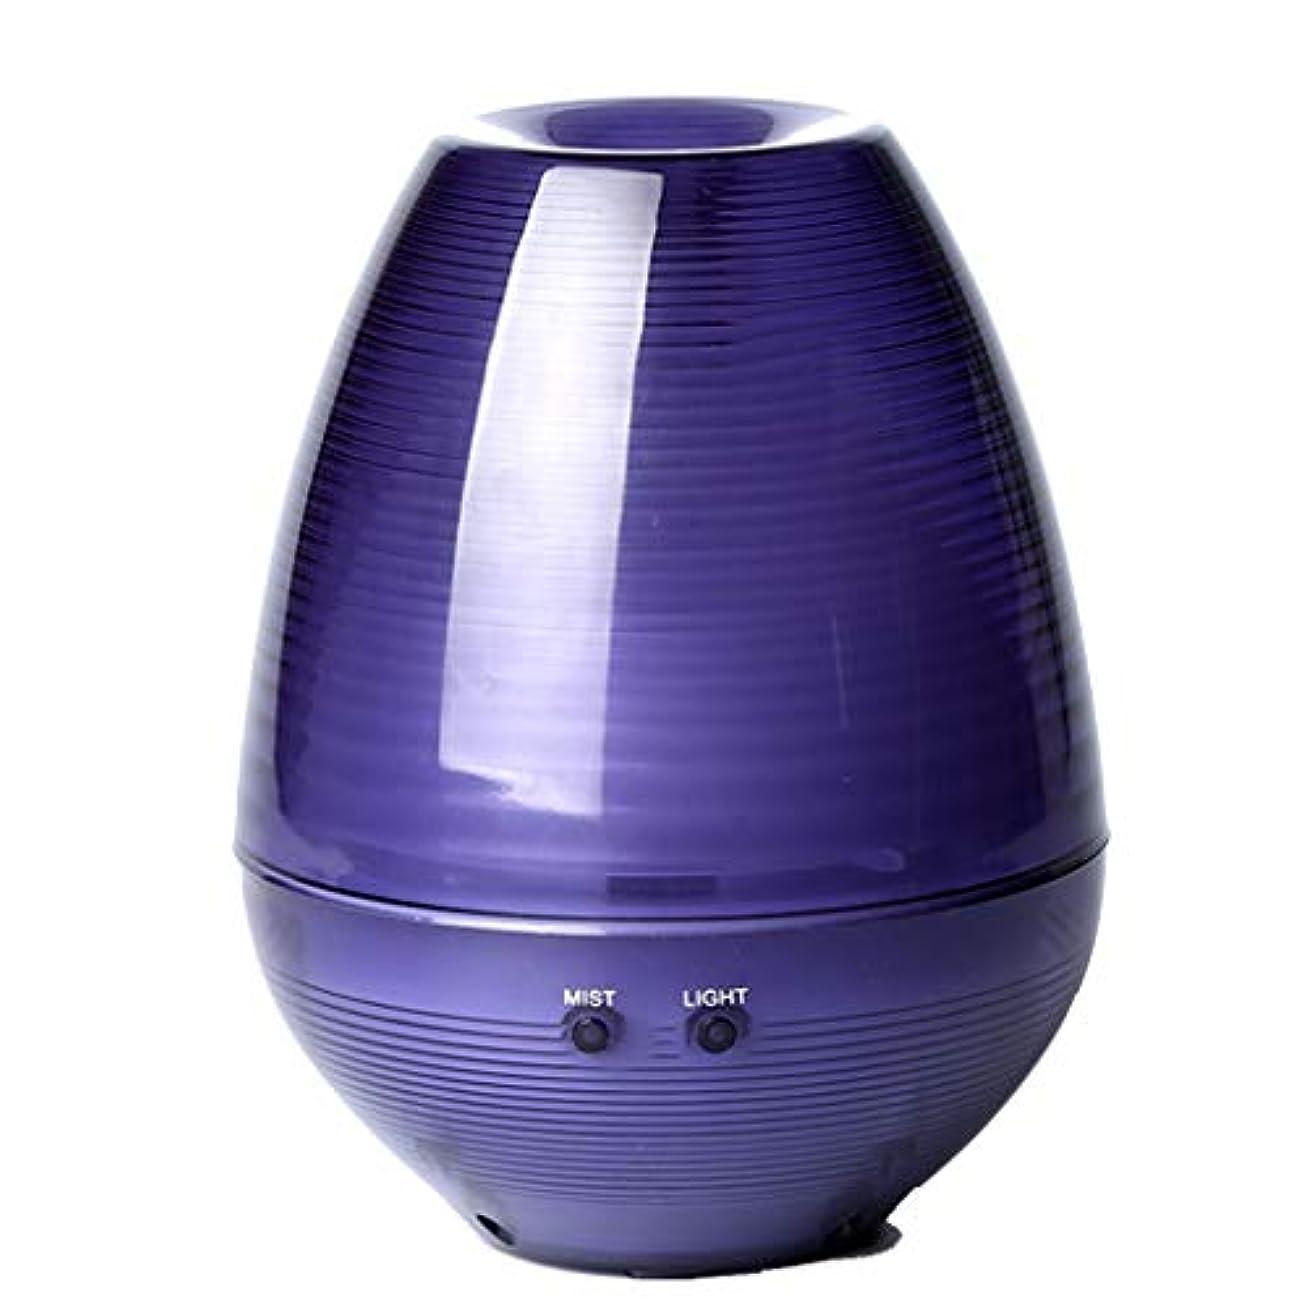 エンティティ会社練るアロマセラピーエッセンシャルオイルディフューザー、アロマディフューザークールミスト加湿器ウォーターレスオートシャットオフホームオフィス用ヨガ (Color : Purple)